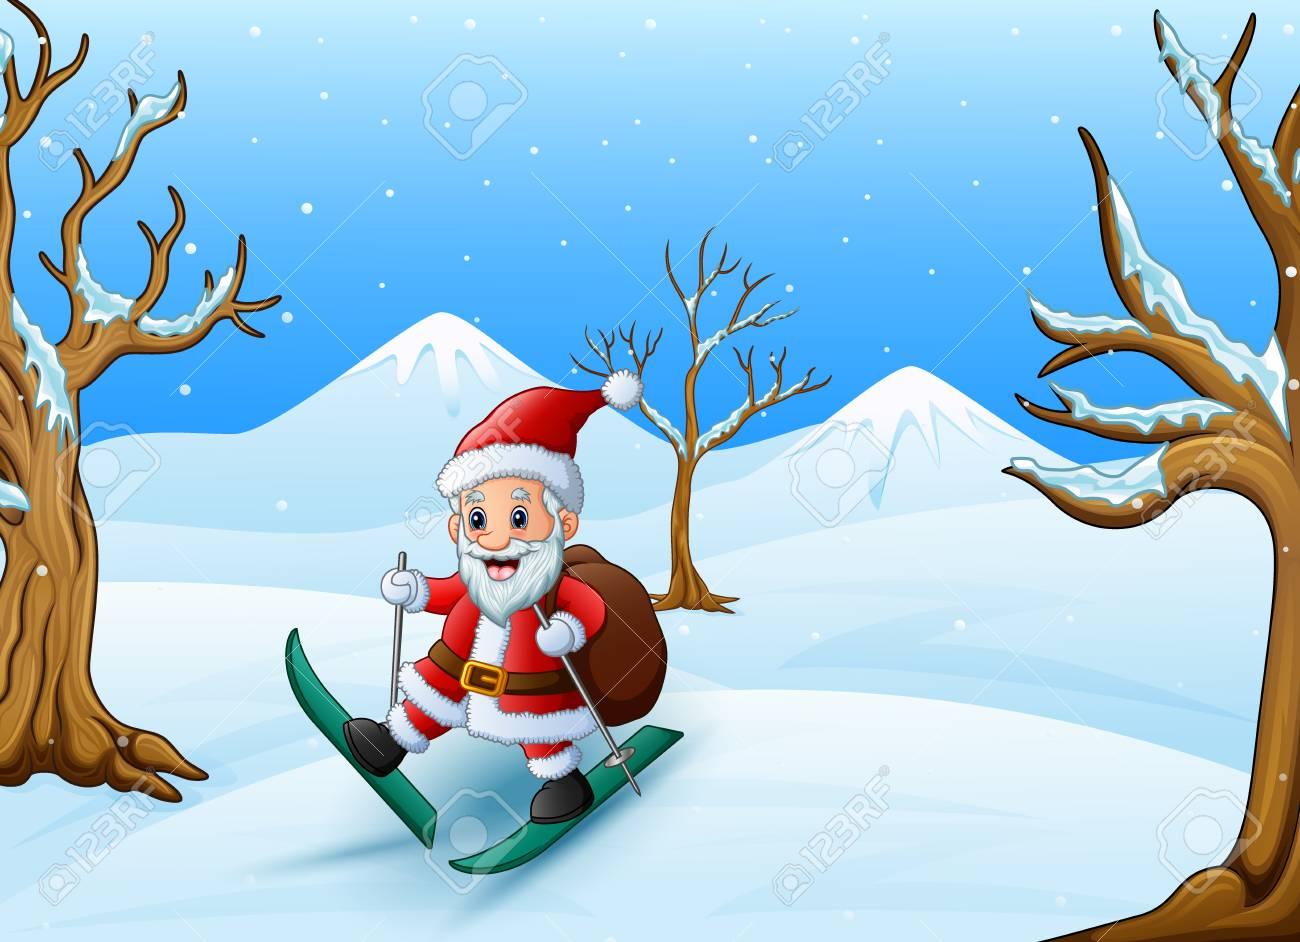 """Résultat de recherche d'images pour """"joyeux noel image ski de fond"""""""